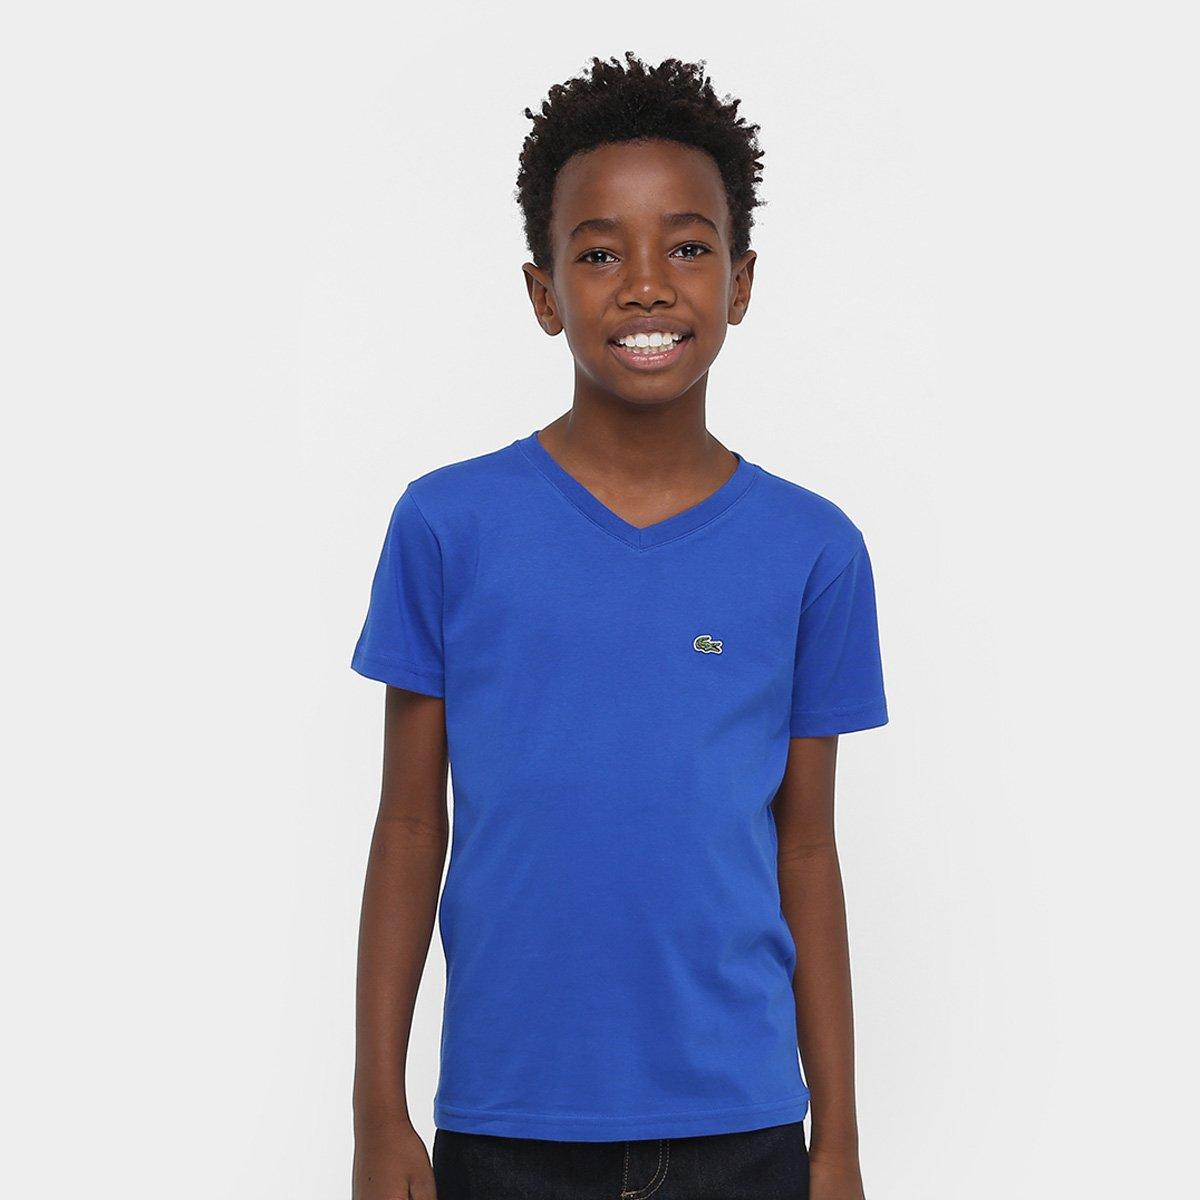 5e68c55caba94 Camiseta Lacoste Básica Infantil - Compre Agora